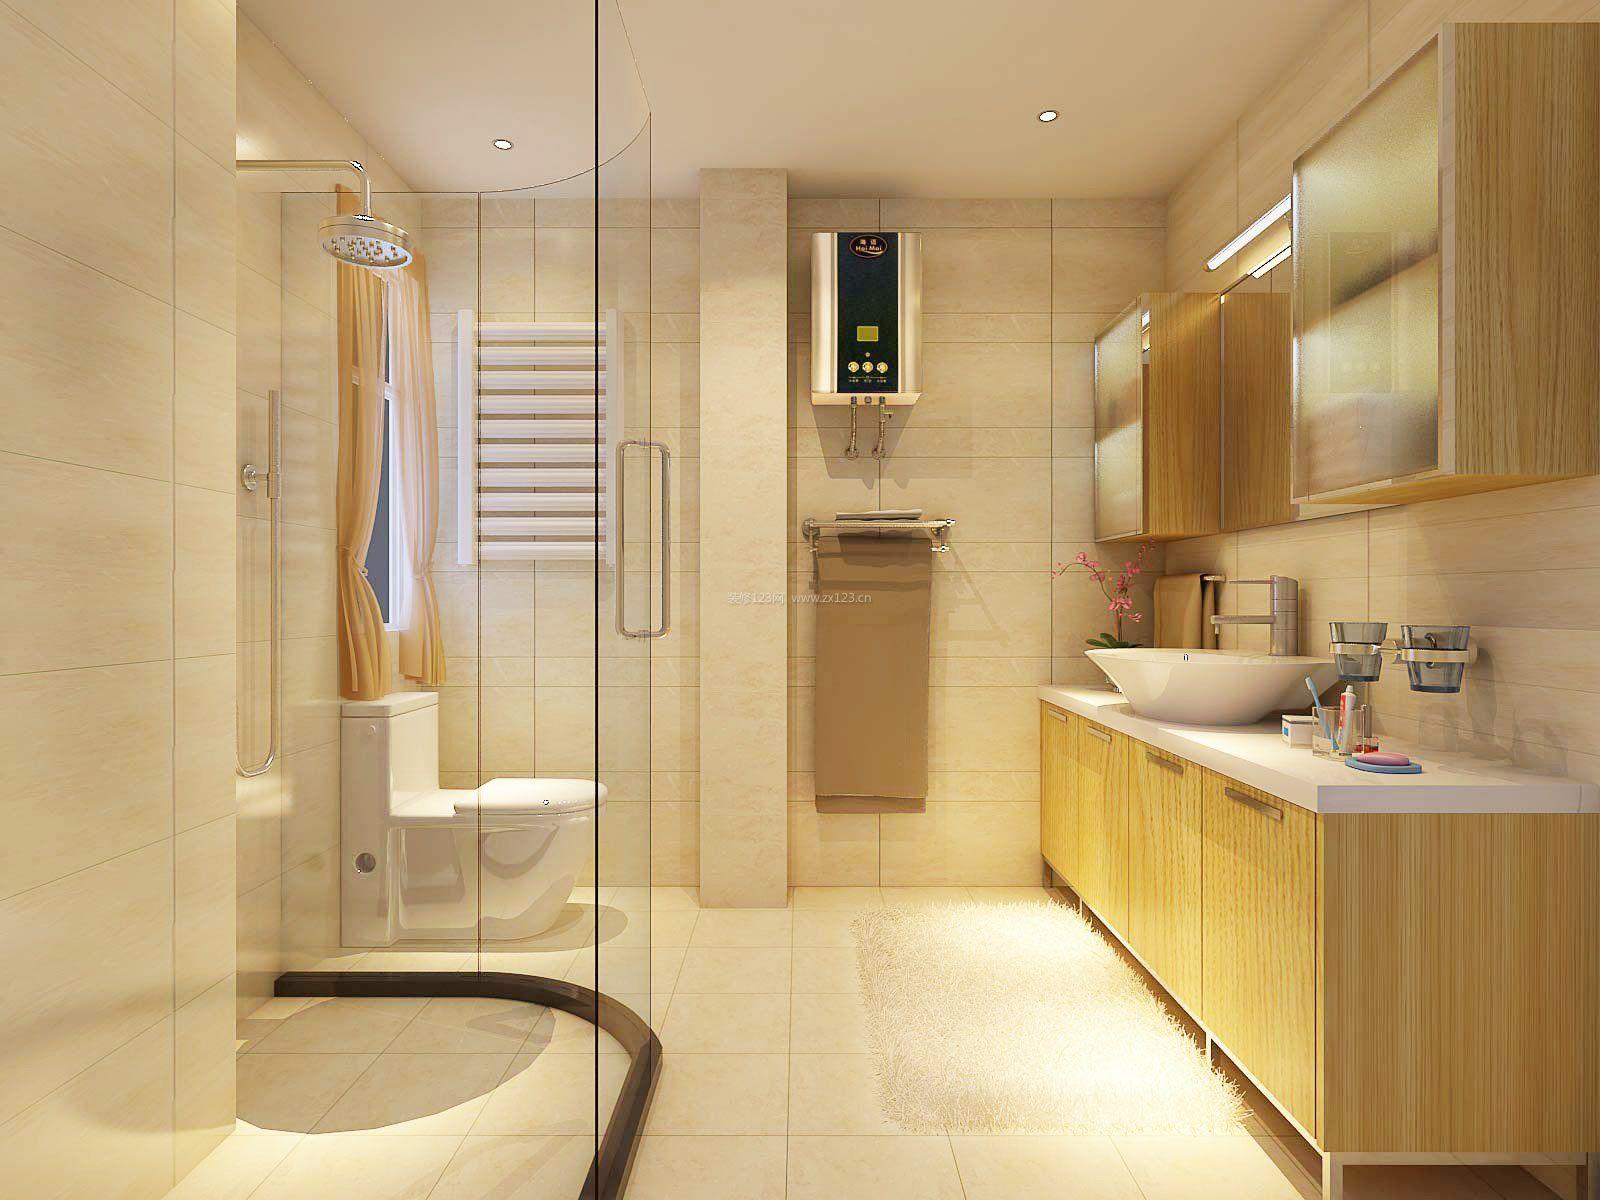 小户型卫浴室内浴室柜设计_装修123效果图图片